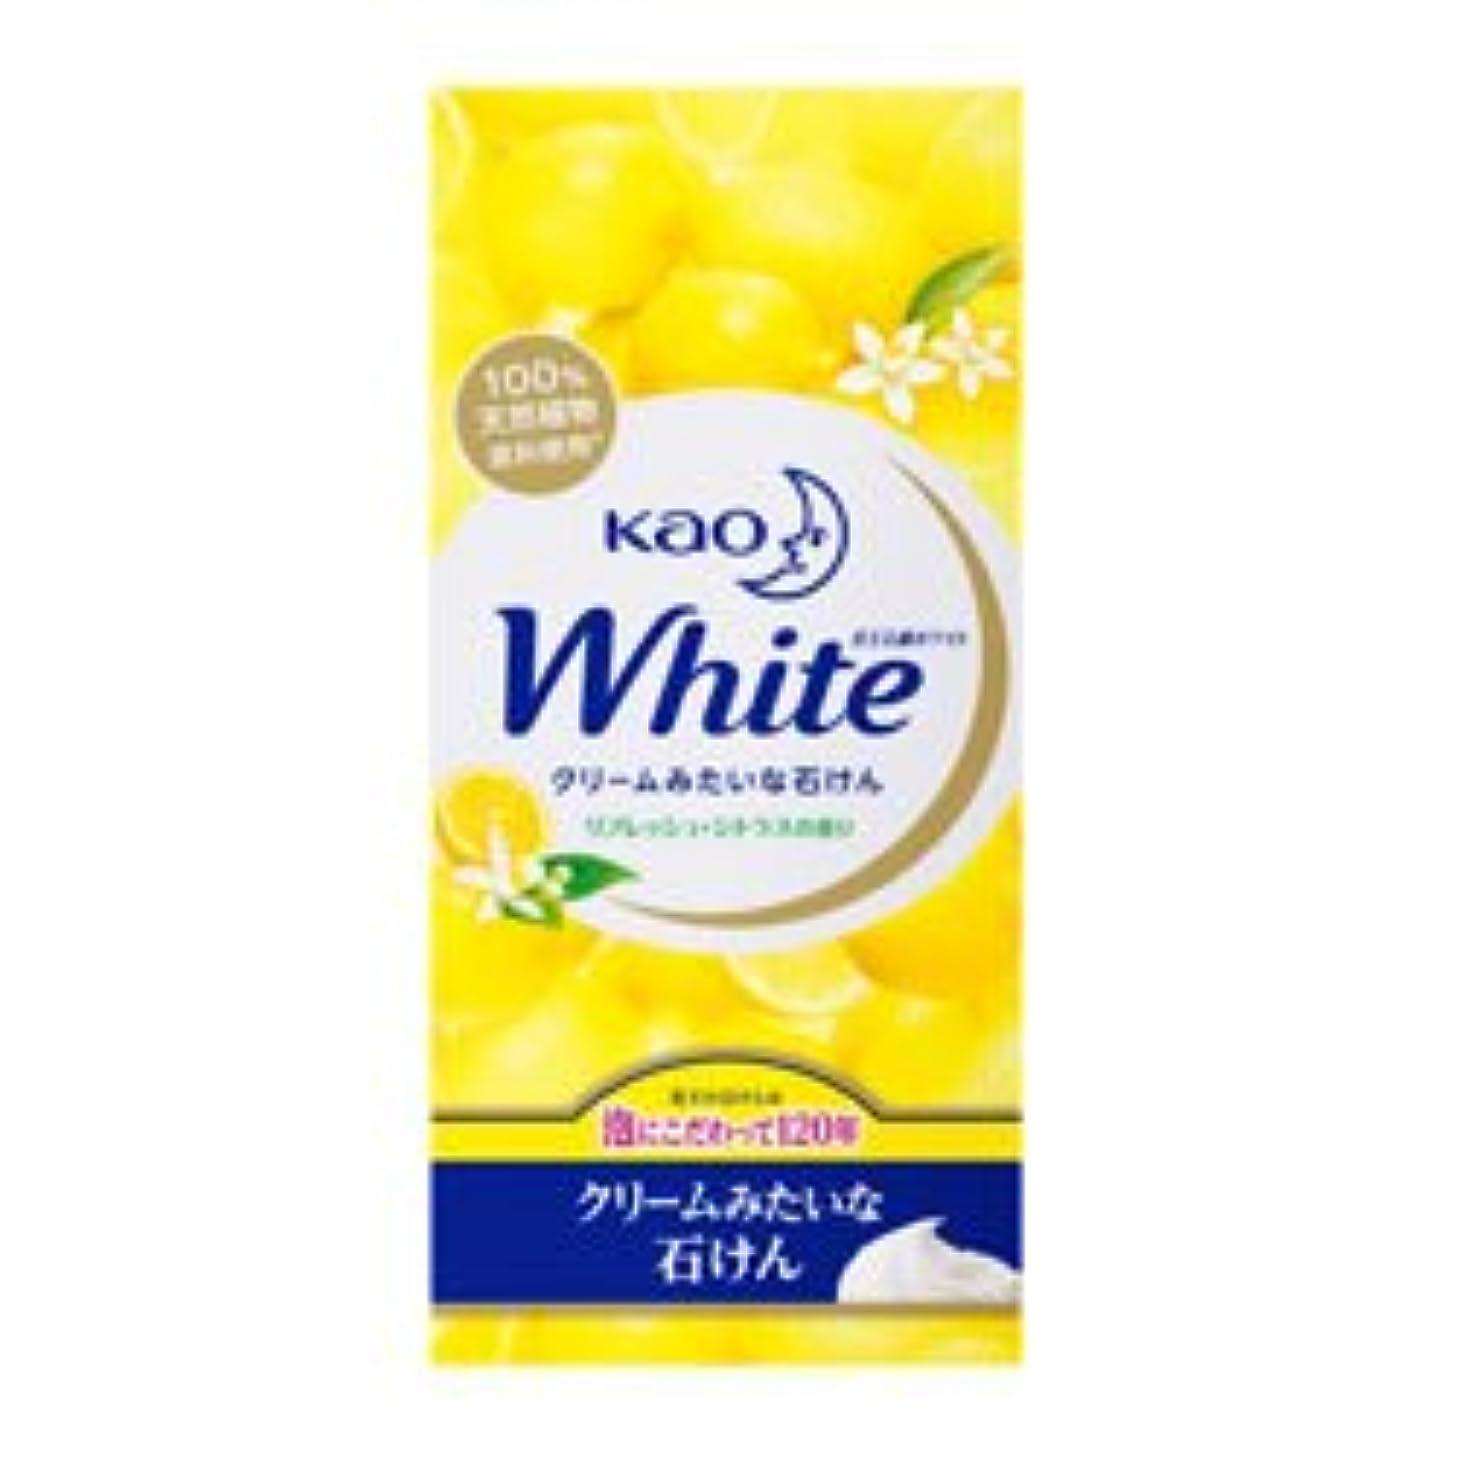 流暢試用カロリー【花王】ホワイト リフレッシュ?シトラスの香り レギュラーサイズ 85g×6個入 ×20個セット